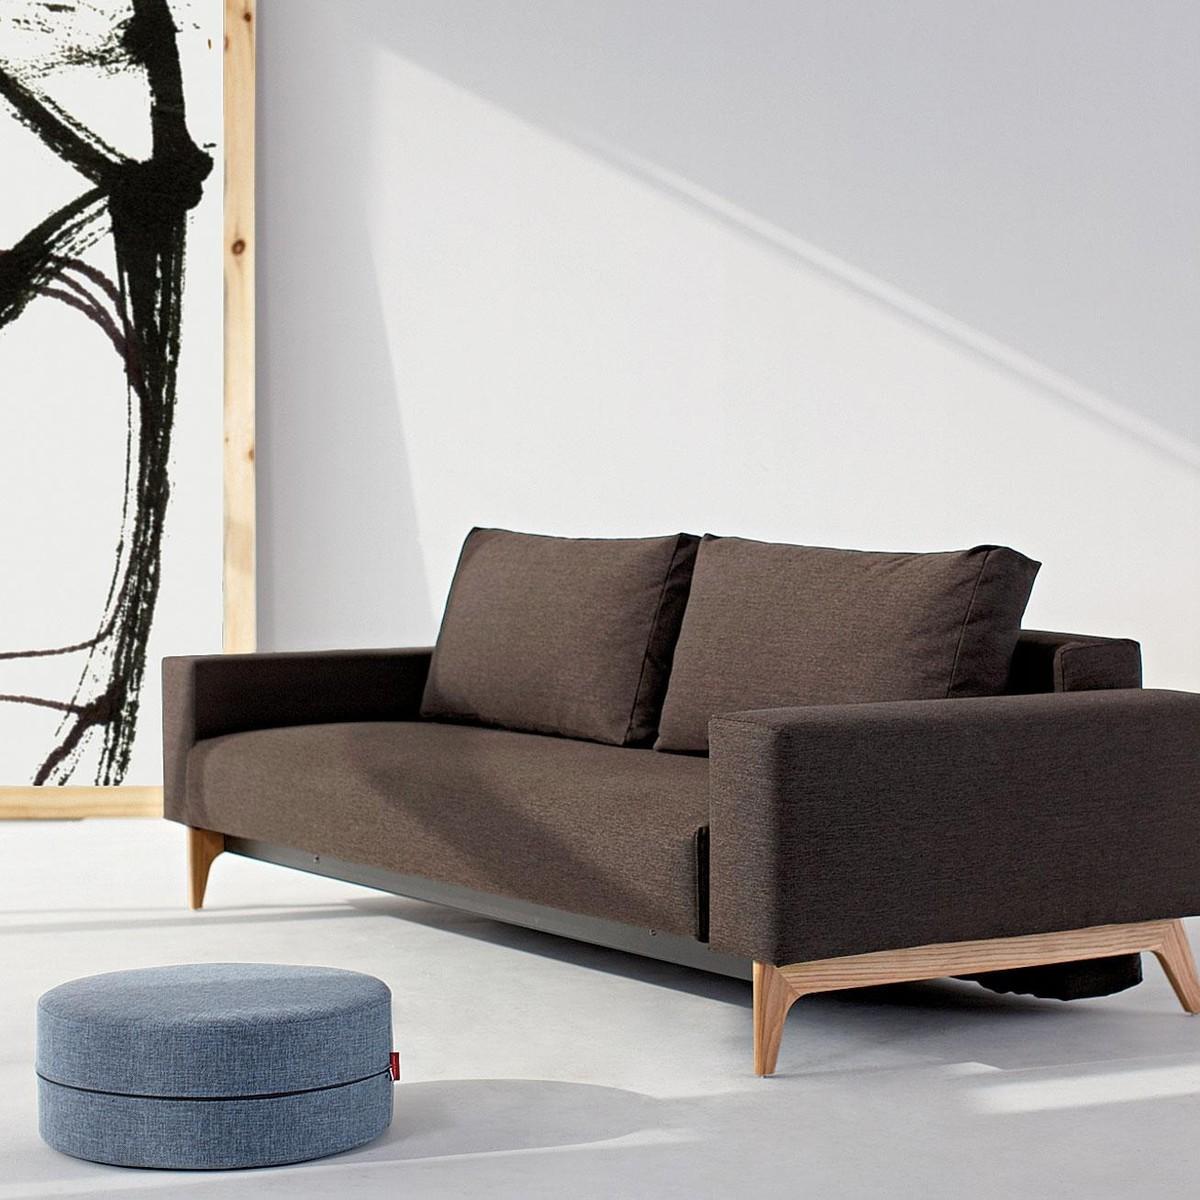 idun sofa bed innovation. Black Bedroom Furniture Sets. Home Design Ideas